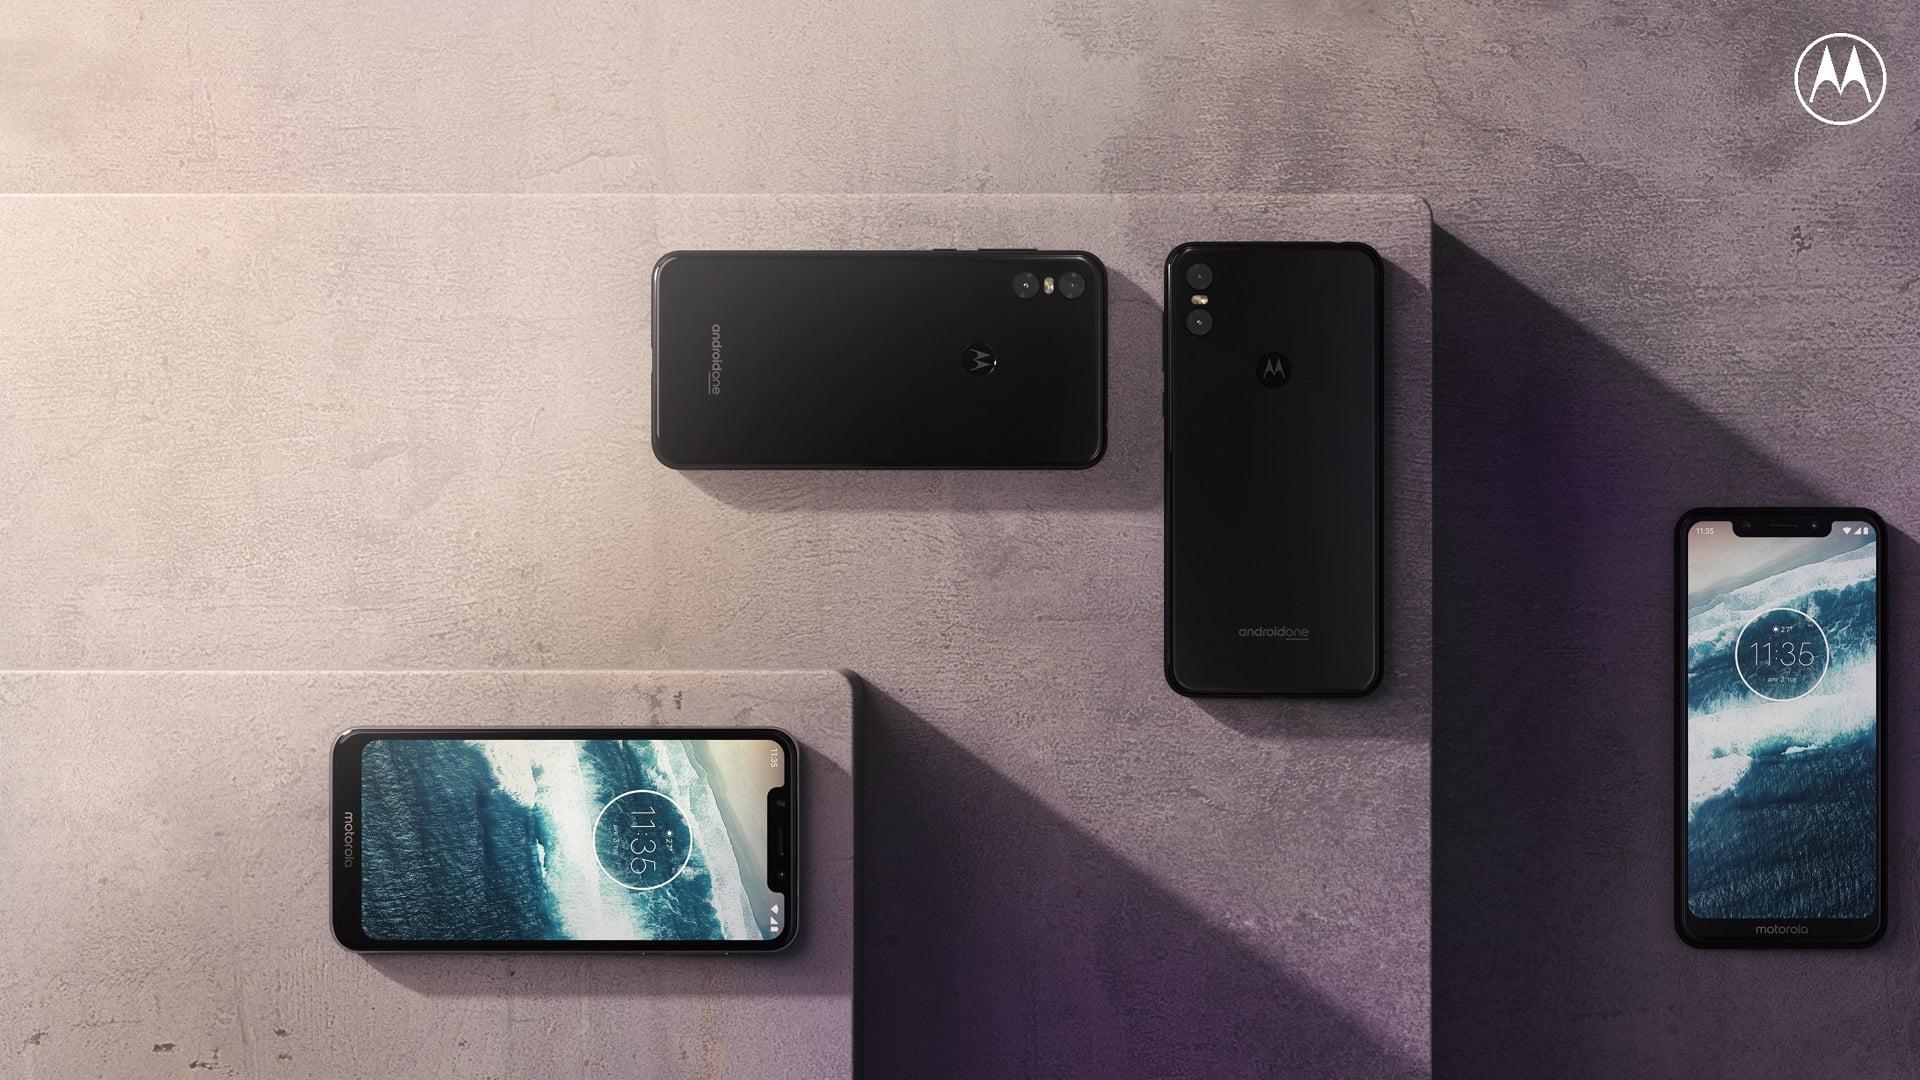 Motorola One właśnie trafiła do sprzedaży w Polsce. Cena jest nawet atrakcyjna, specyfikacja też całkiem OK 20